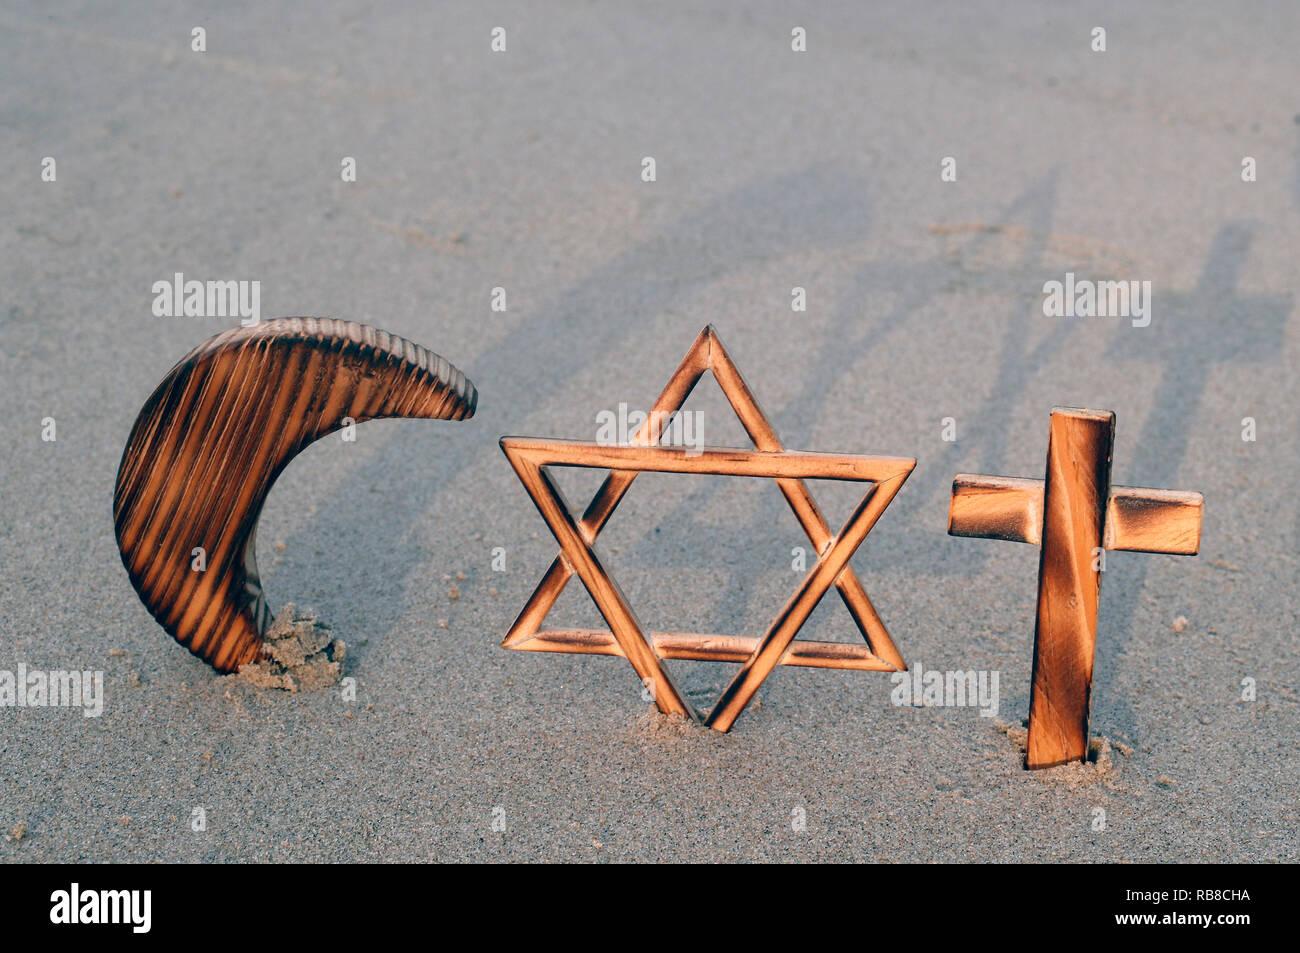 Symbole interreligieux. Christentum, Islam, Judentum, monotheistischen Religionen. Jüdische Stern, Kreuz und Halbmond: Interreligiöses Symbole. Stockbild